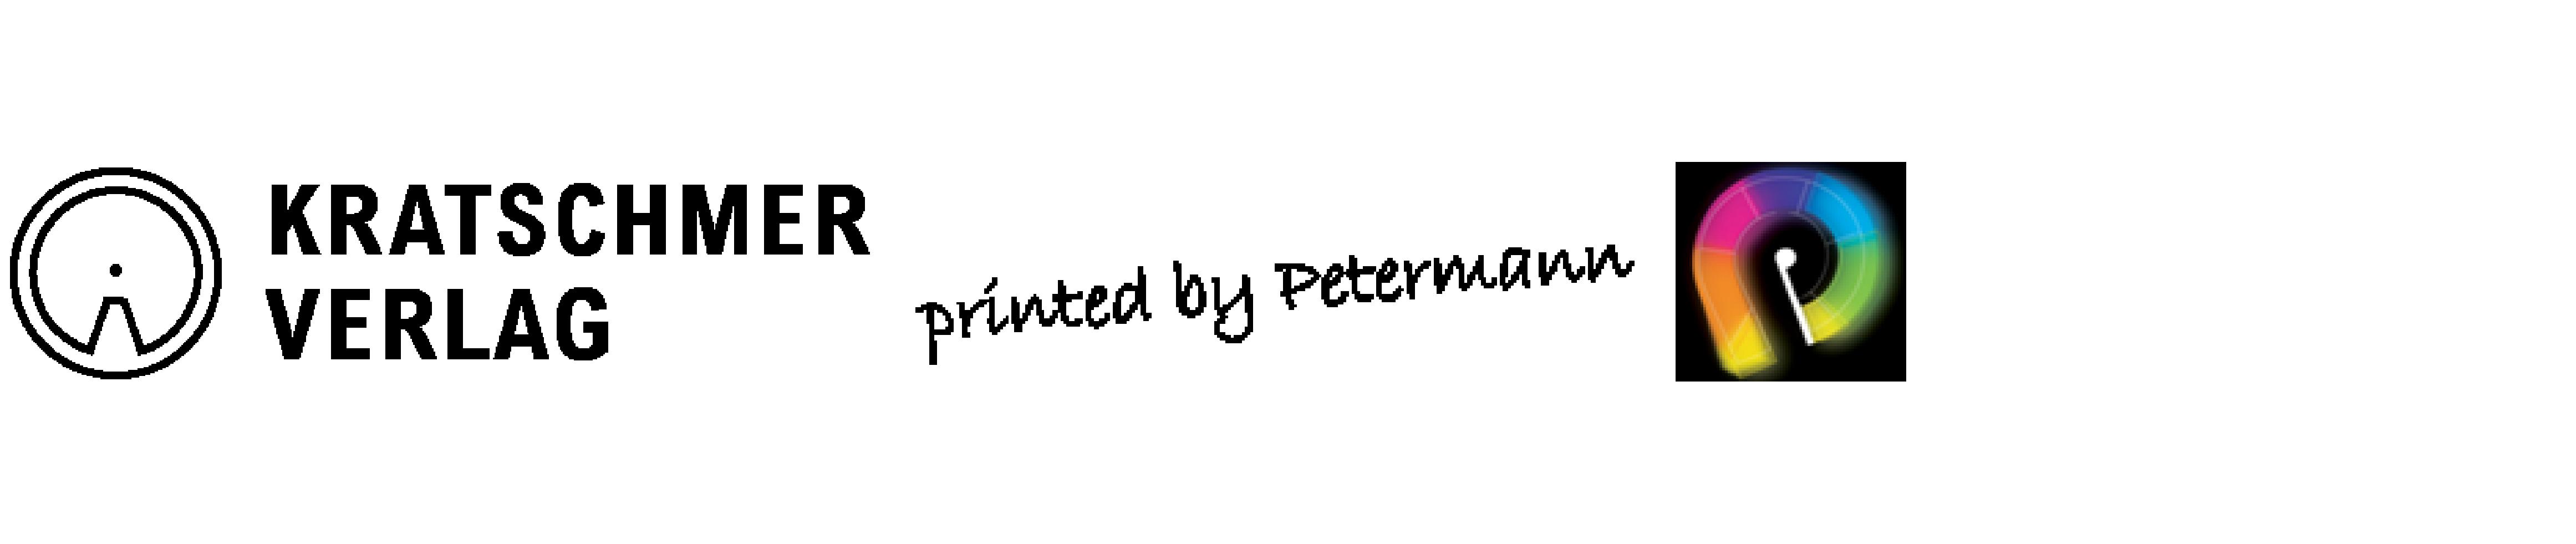 Petermann GZW, Druckerei, Print, Printmedien, Drucksachen, Grafikdesign, Grafisches Zentrum Wetterau, Onlineshop, Kratschmer Verlag